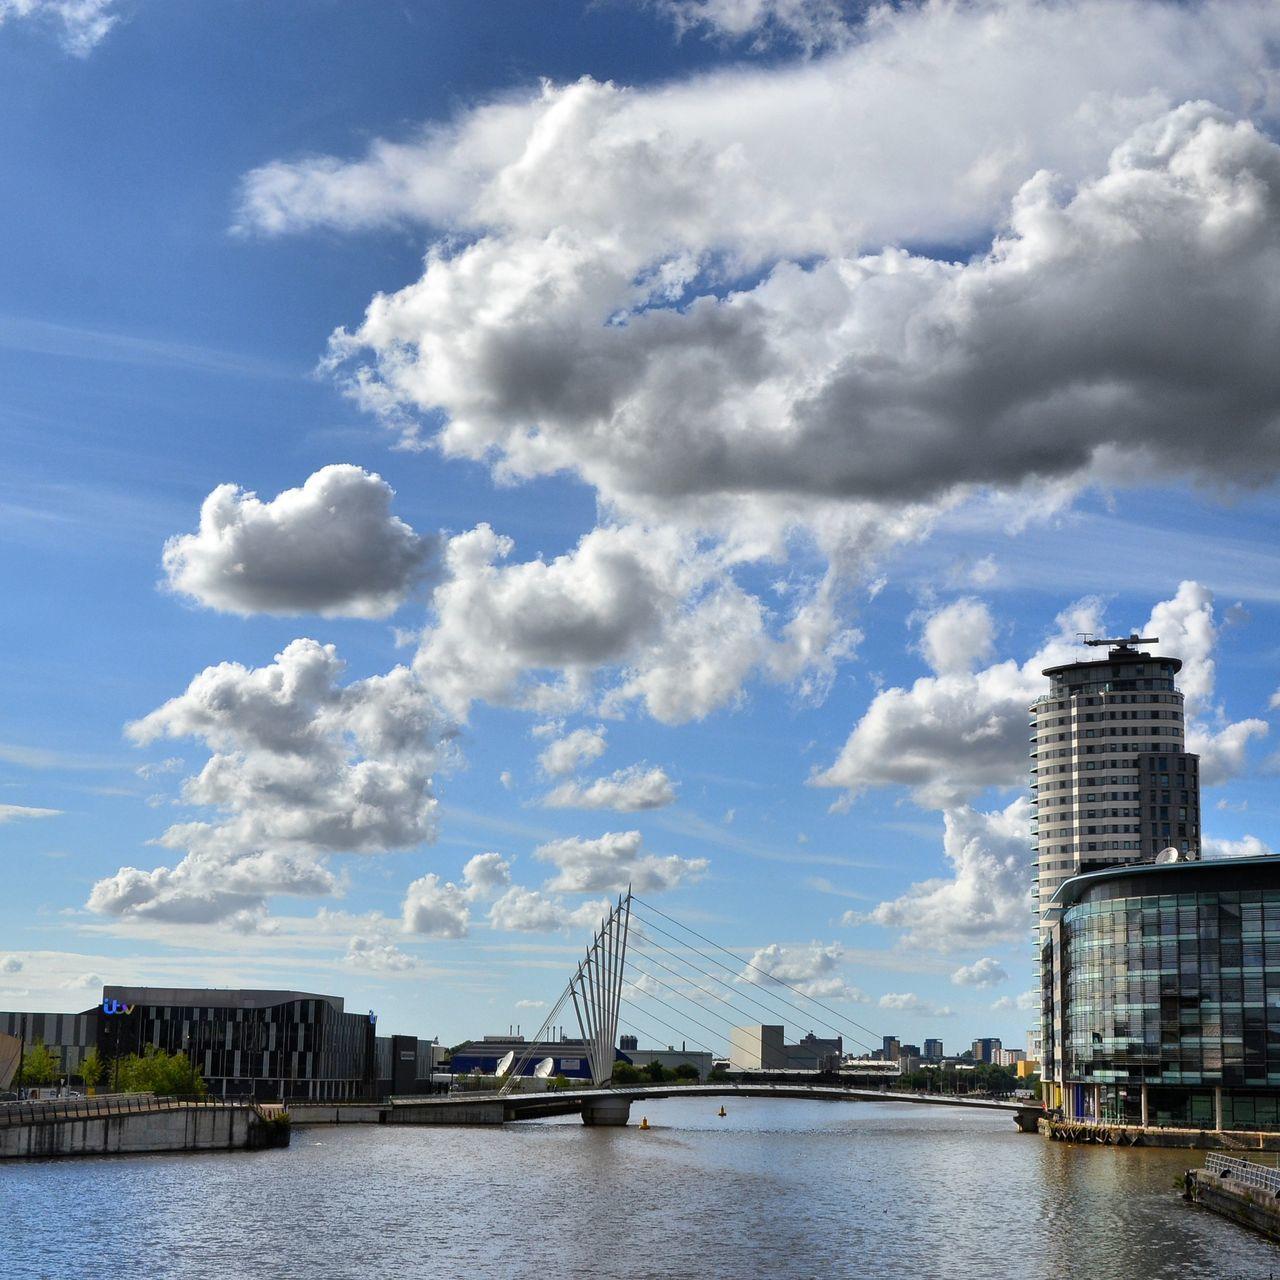 Manchester 43 Golden Moments EyeEm Best Shots Eyemphotography Salford Salford Quays